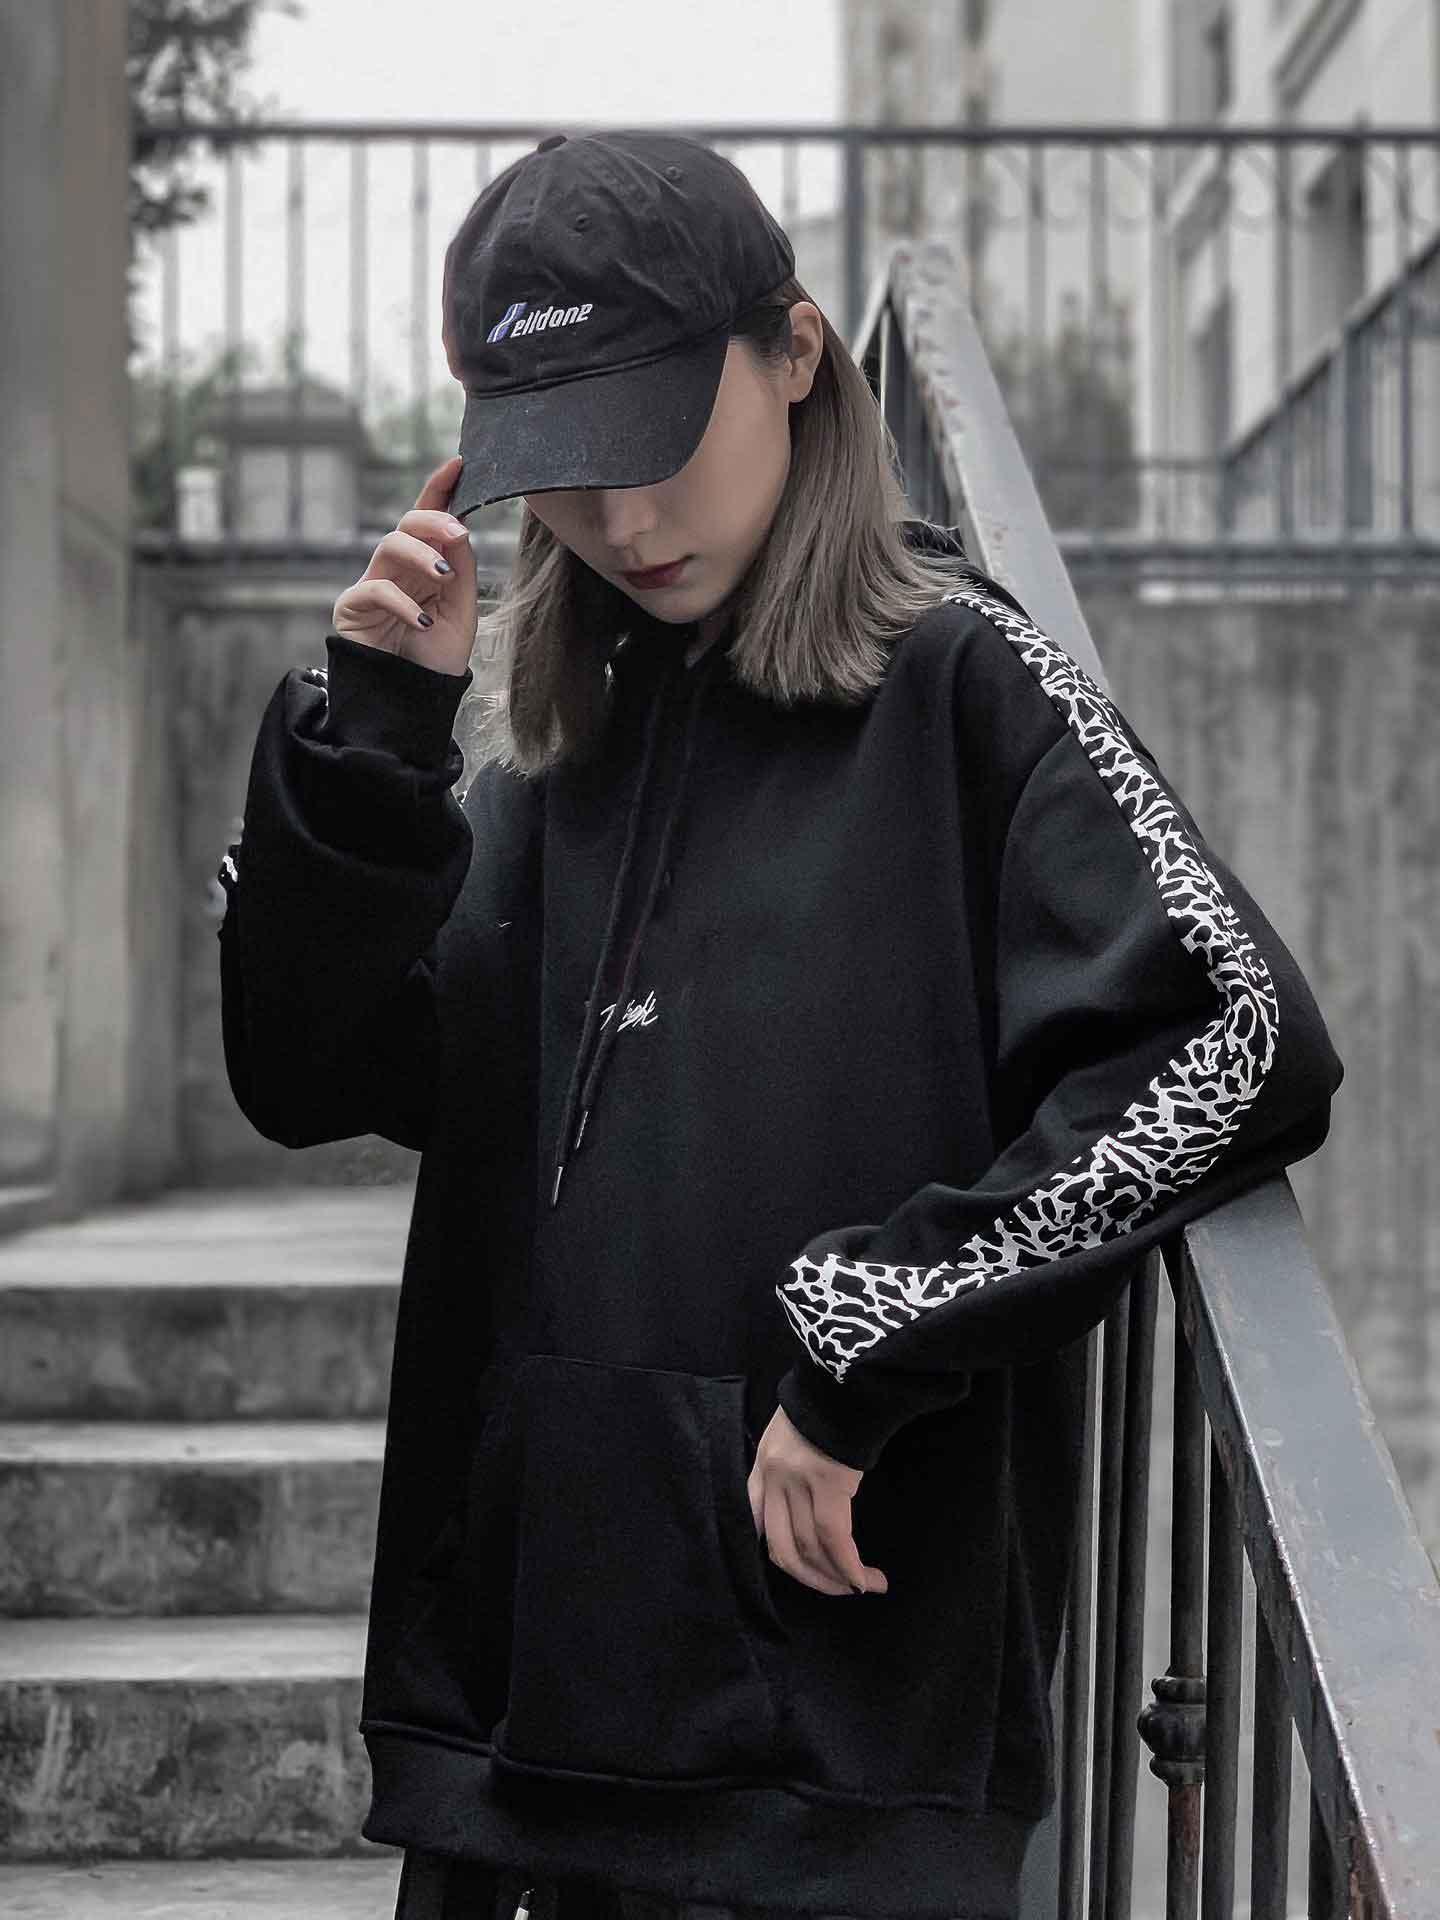 de la moda mujeres camiseta 2020 del nuevo invierno simple suéter clásico de sexo femenino Top estilista Pareja bordado StreetWear los hombres de la camiseta M-XL